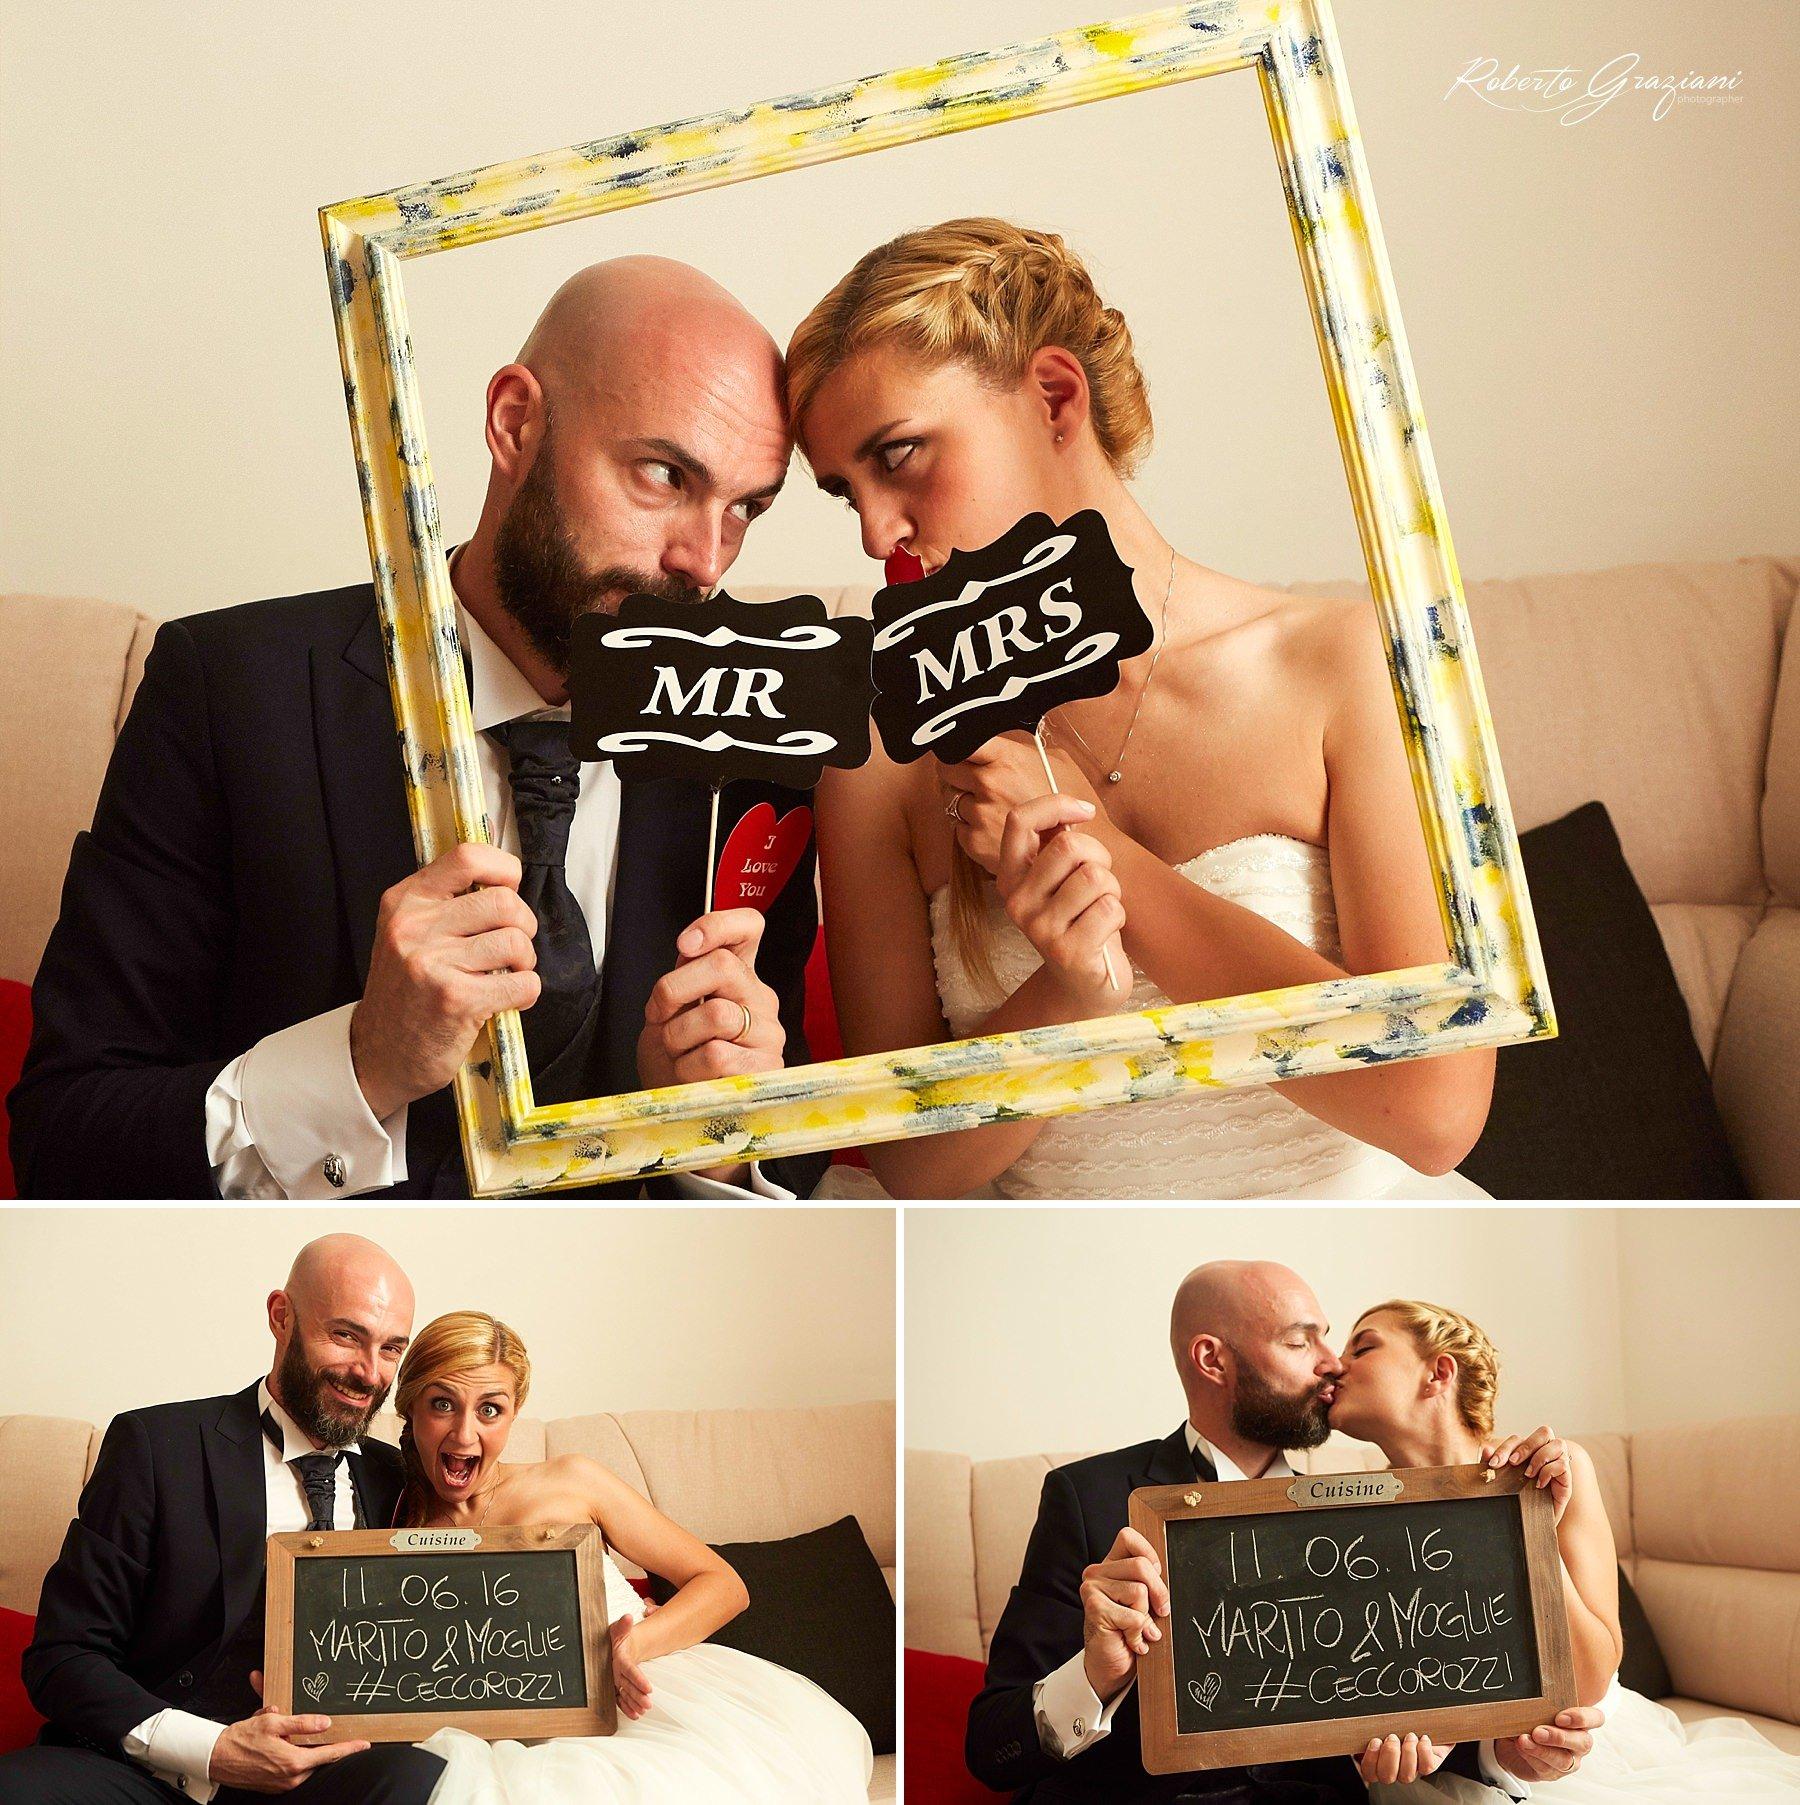 bacio sposi con una cornice ed una lavagna mr. mrs.